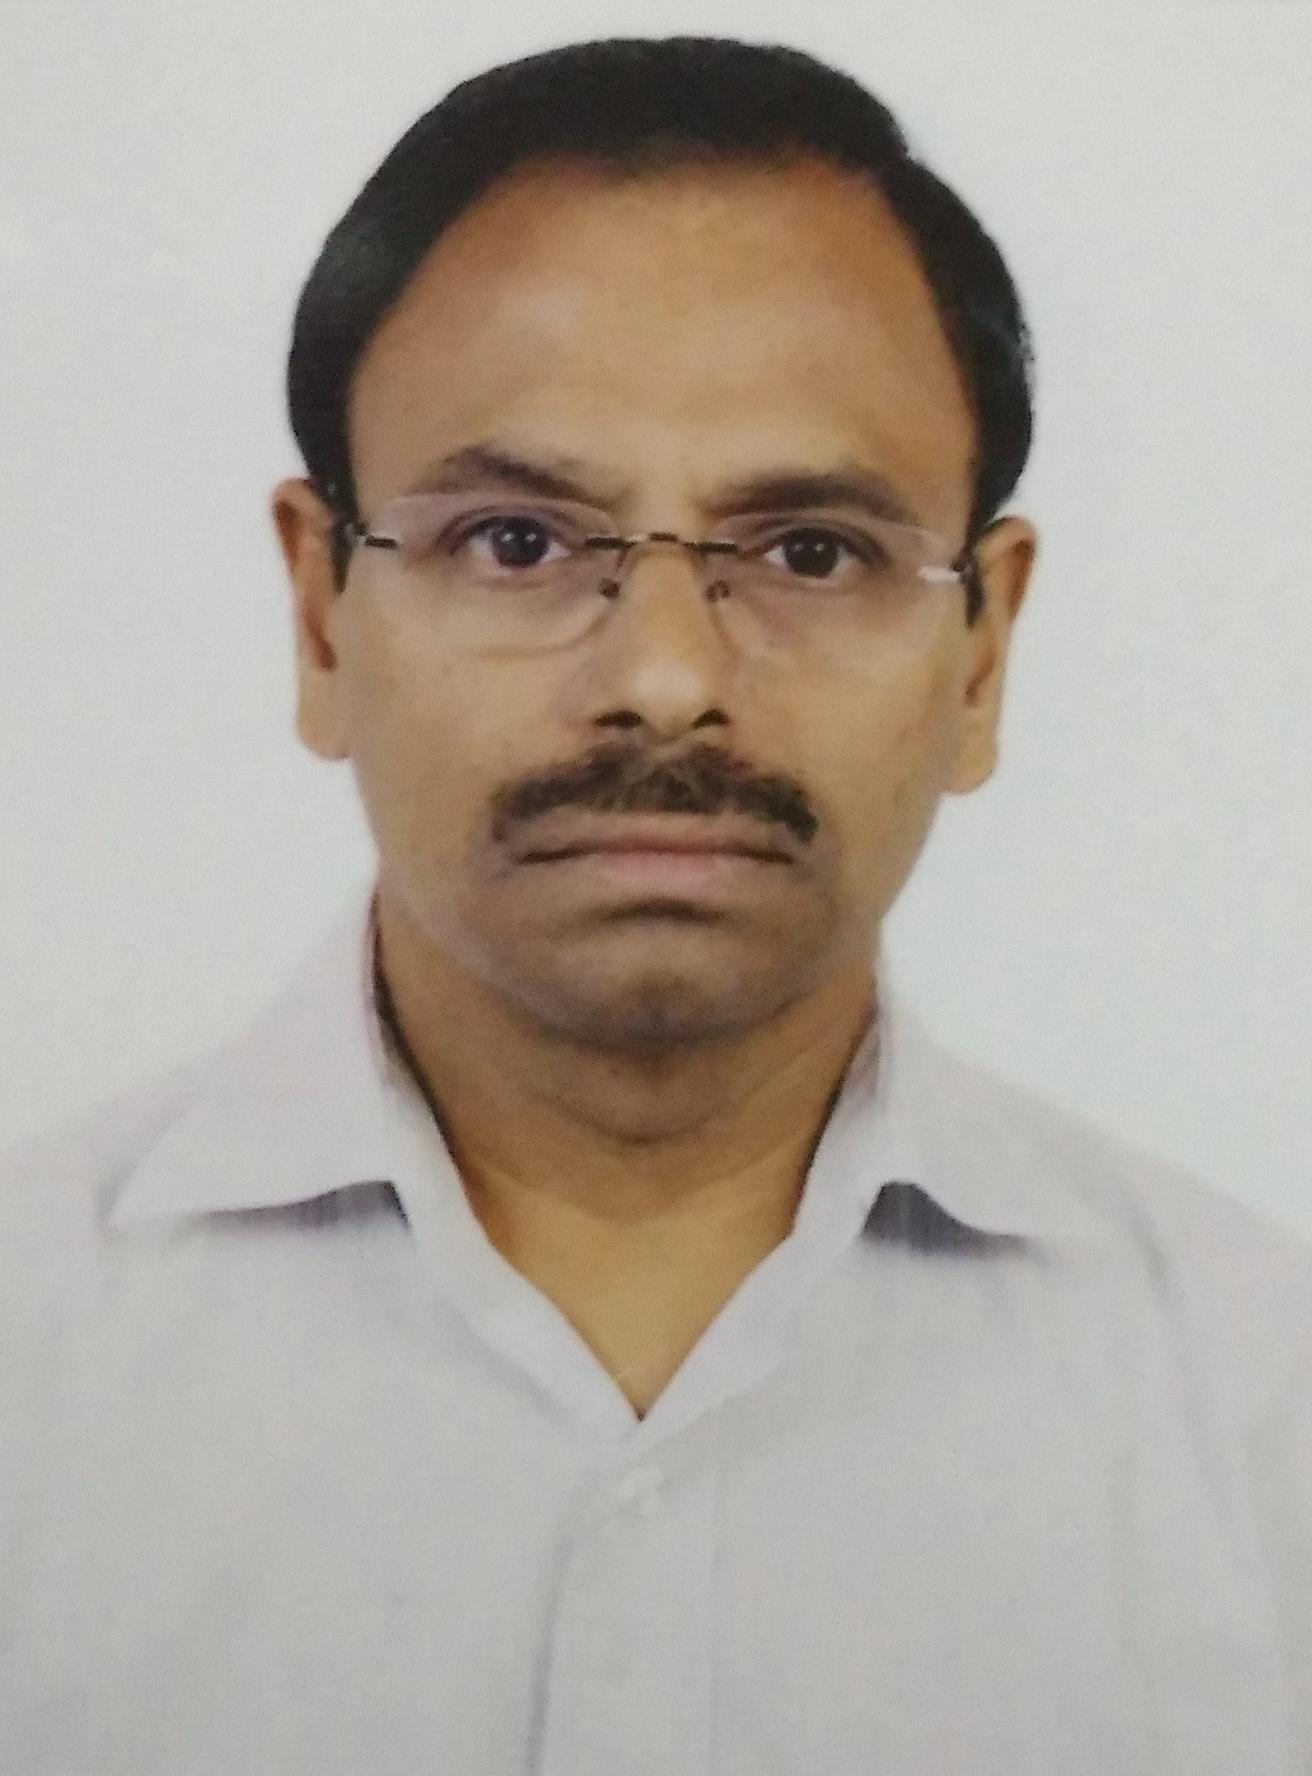 Vijaya Hospitals | Plastic Surgery & Cosmetic Surgery - Vijaya